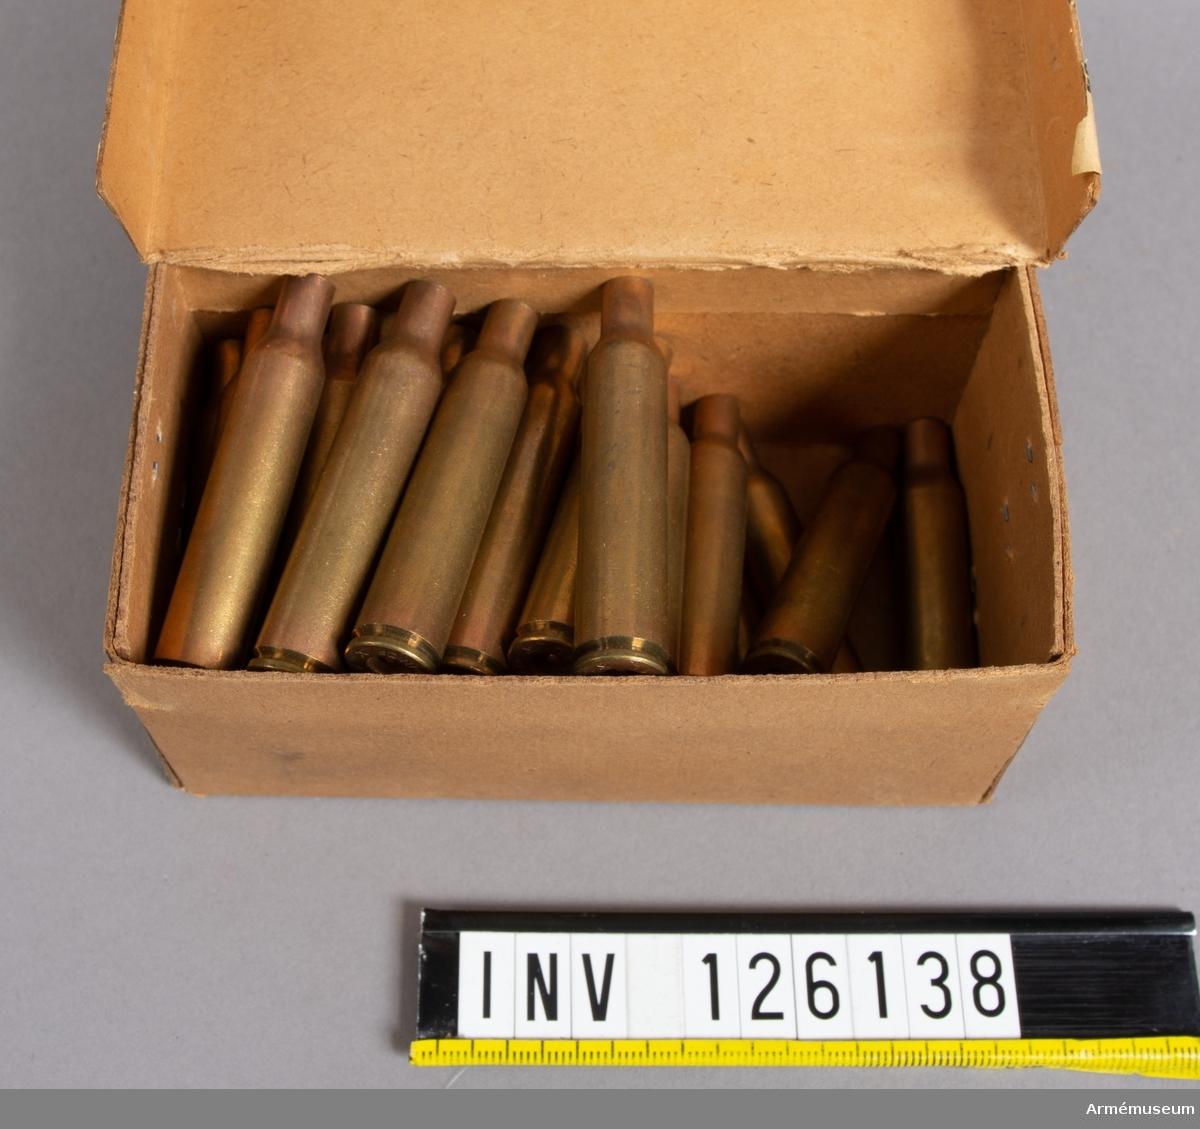 Hylstypen använd i svenska försök med torpedkula. Hylsor patron- 6,5x61 Mauser, civil c1930 i ask.